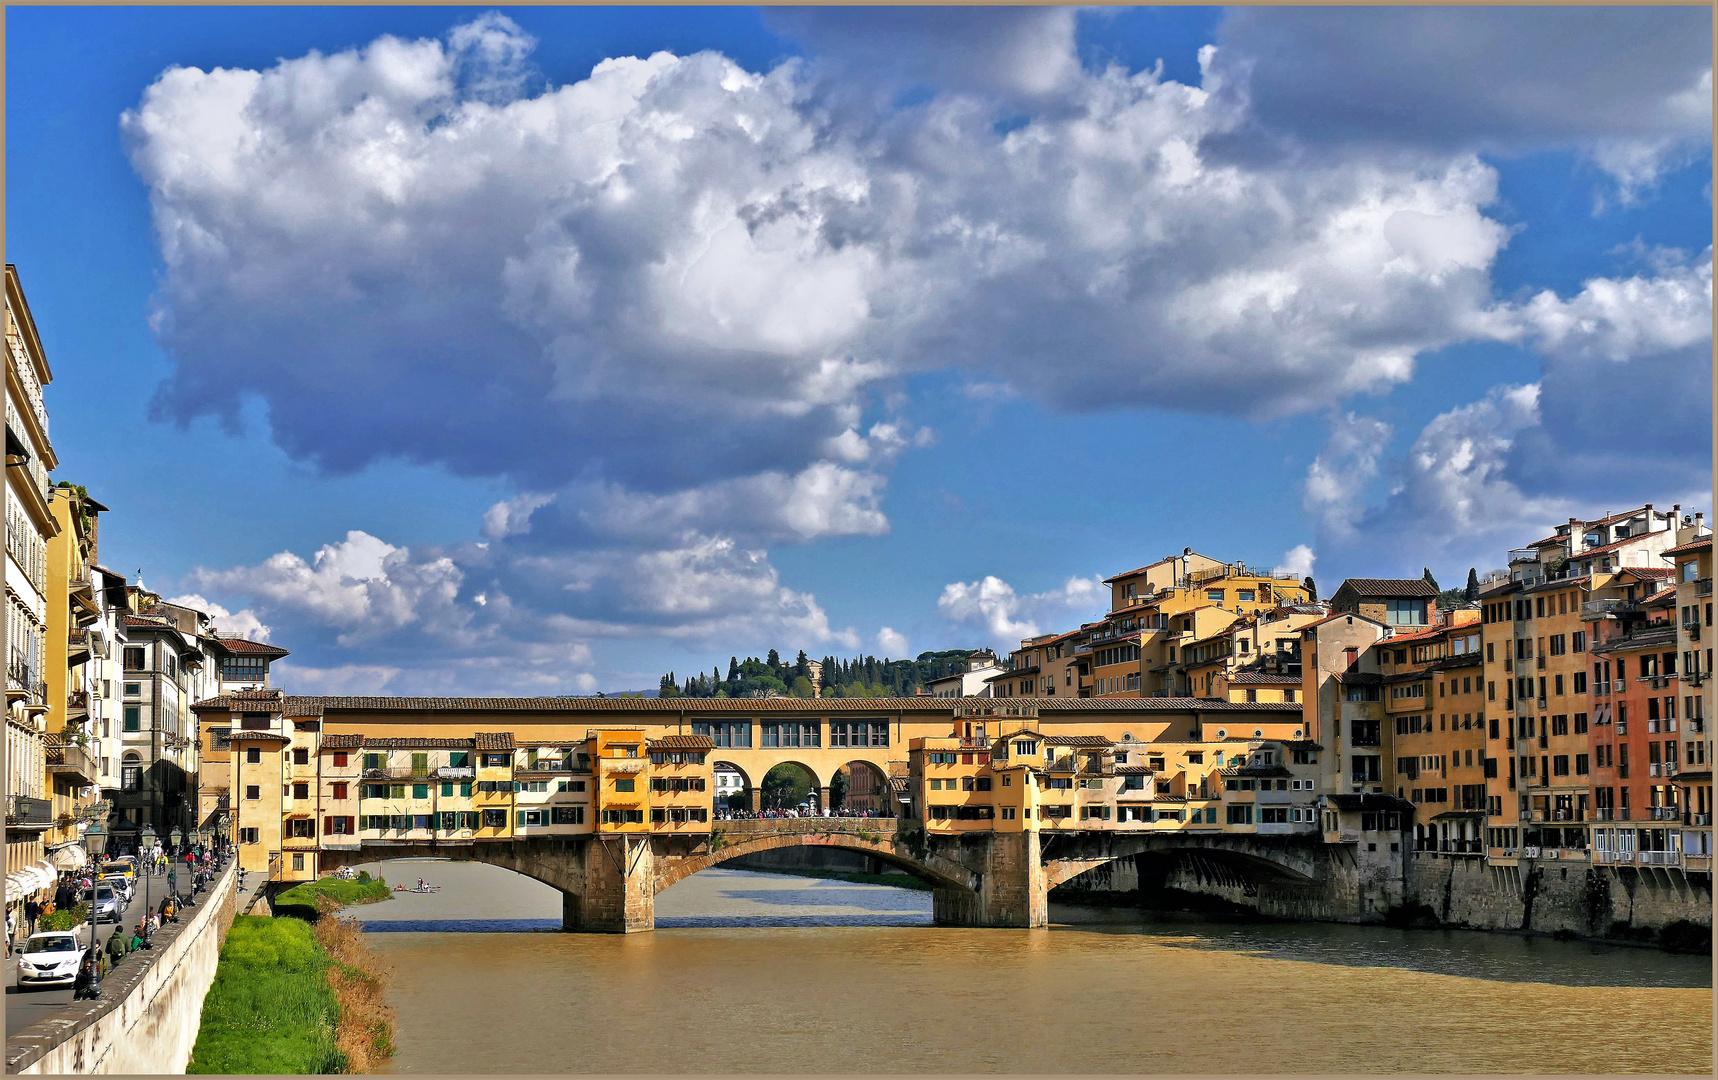 le Vieux pont de florence .....HDR